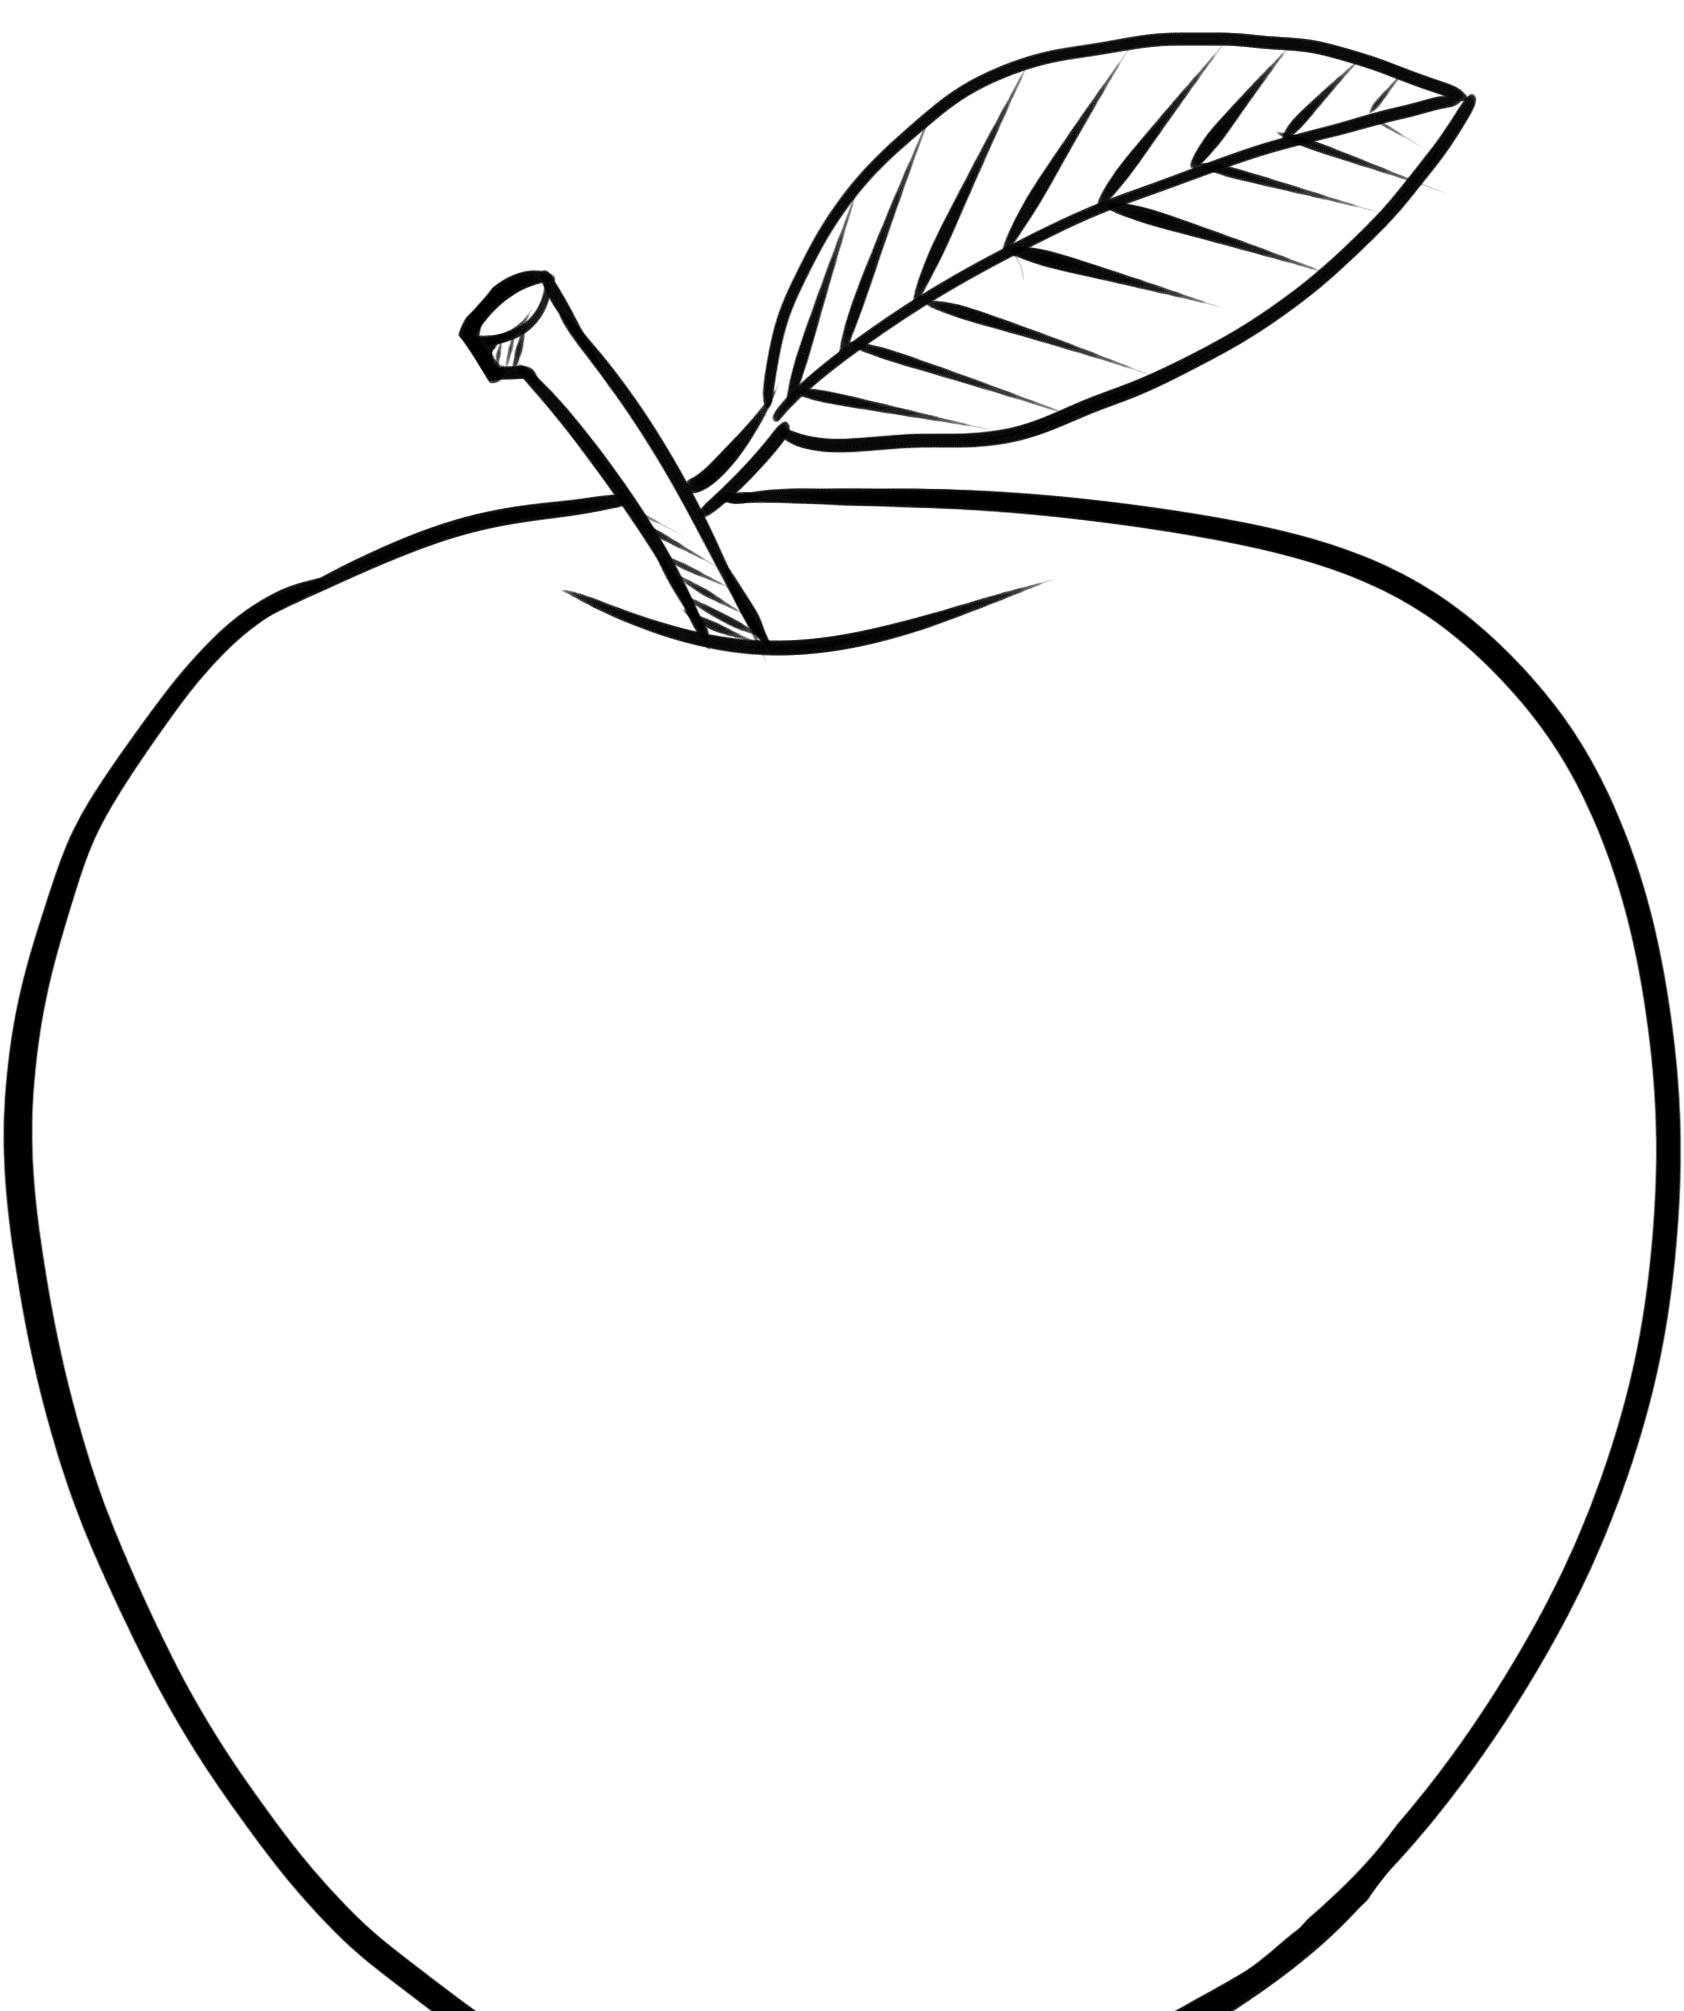 Ausmalbilder Apfel, Vordruck Apfel Schablonen Zum Ausdrucken bei Ausmalbild Apfel